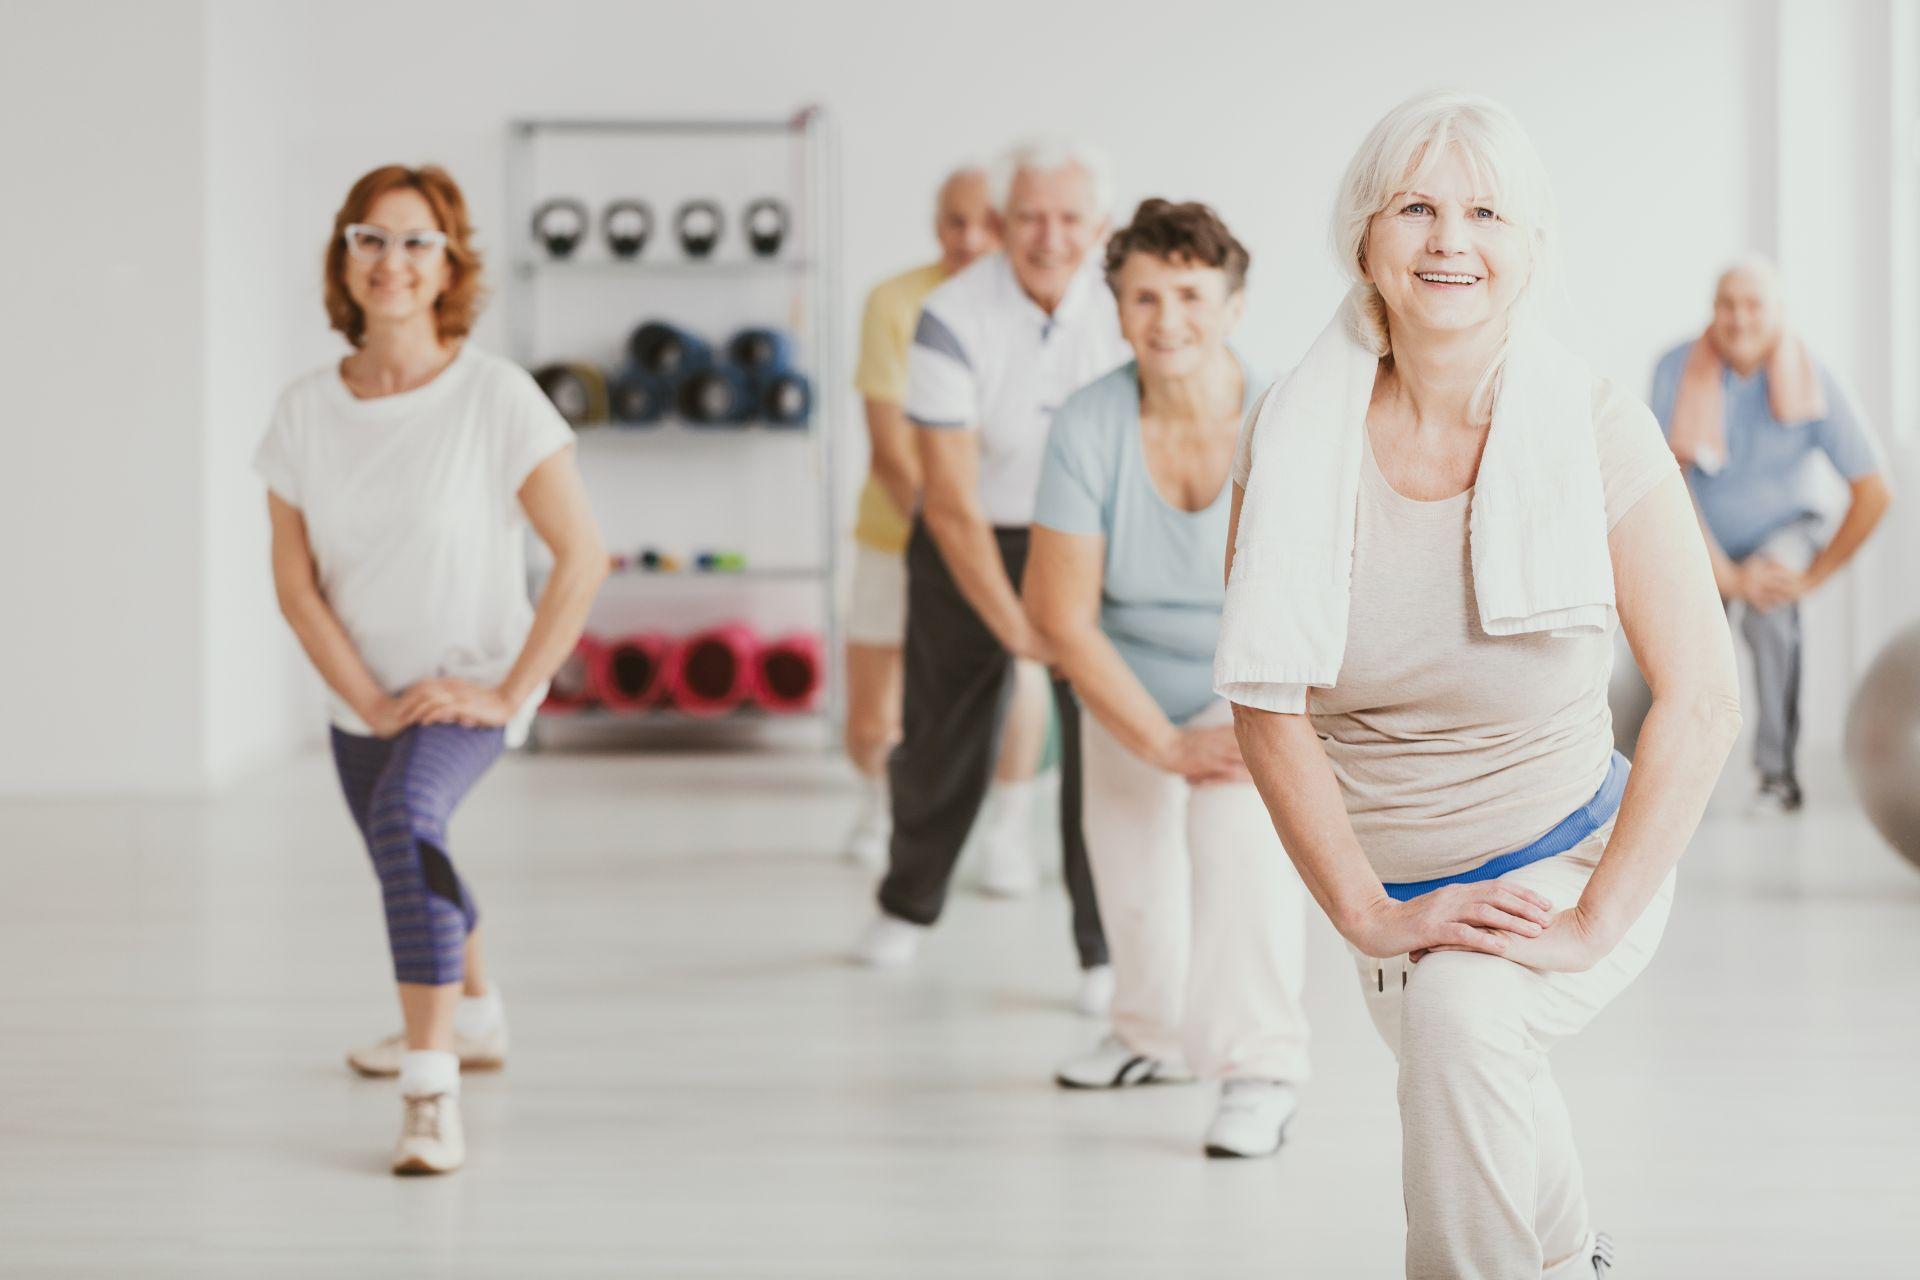 Umiarkowana aktywność fizyczna - jakie korzyści zdrowotne przynoszą ćwiczenia dla początkujących bez kondycji i zdrowa, zbilansowana dieta?